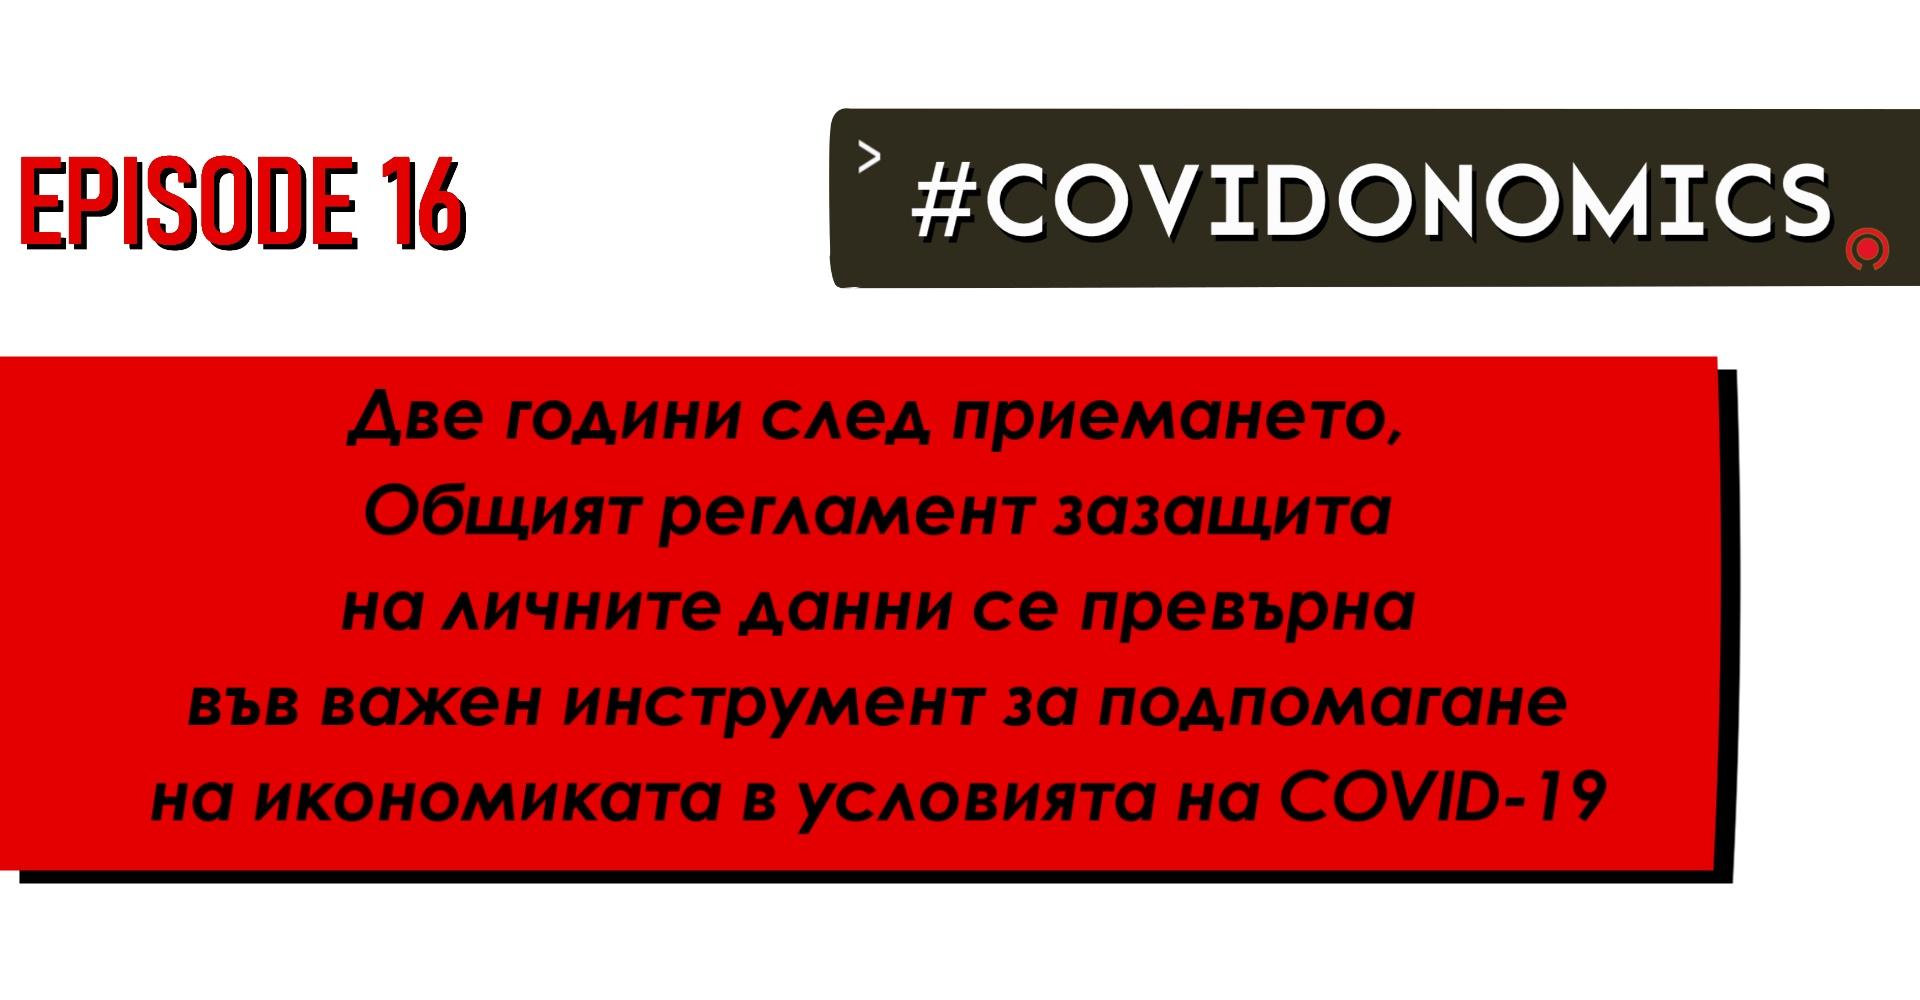 Две години след приемането, Общият регламент за защита на личните данни   се превърна във важен инструмент за подпомагане на икономиката в условията на COVID-19